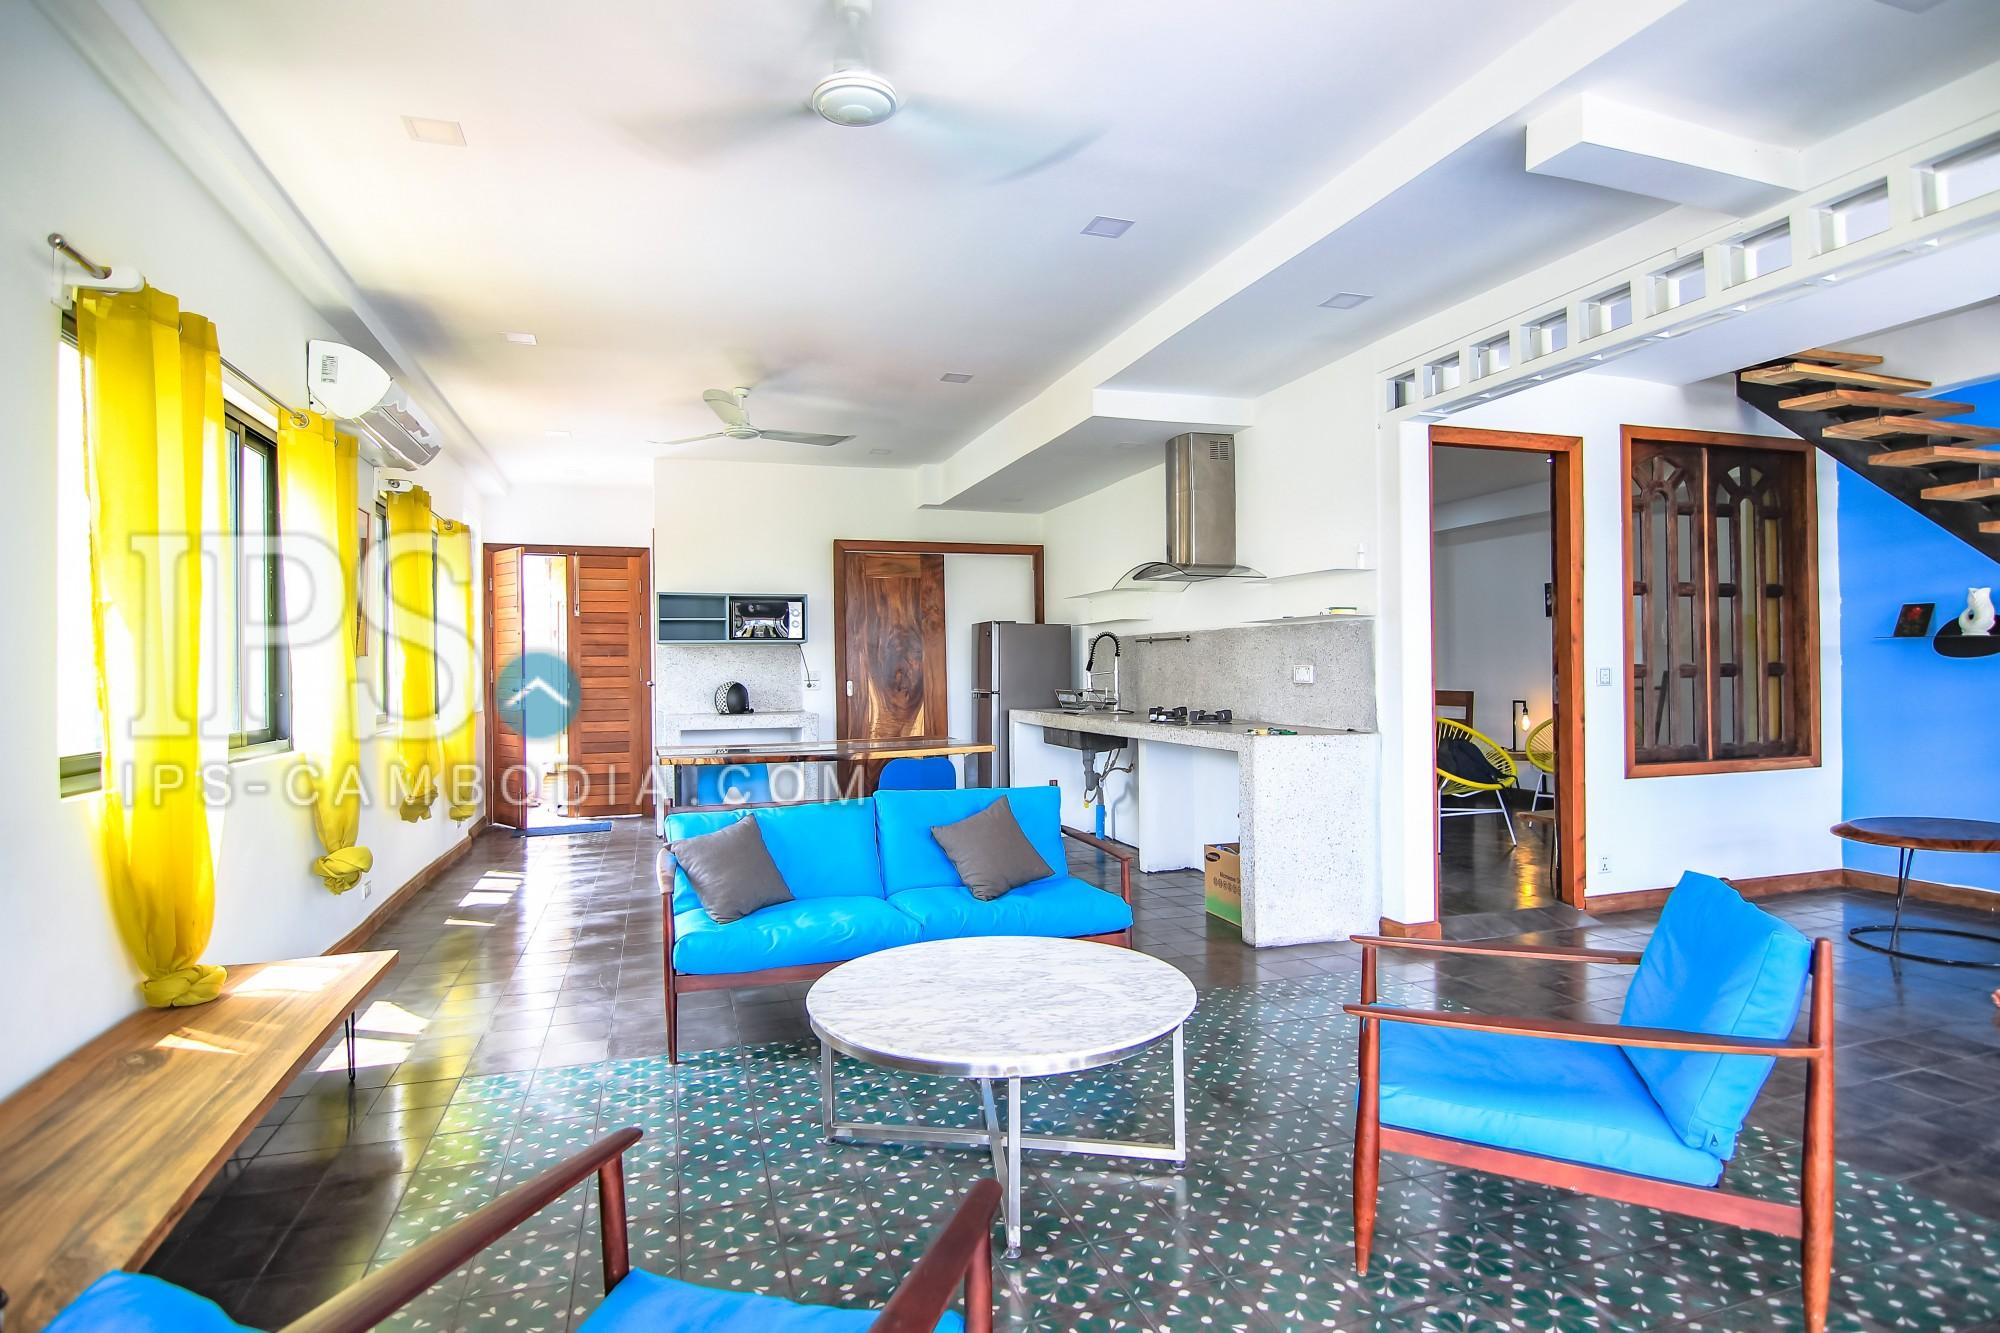 2 Bedroom Renovated Flat for Rent - Daun Penh